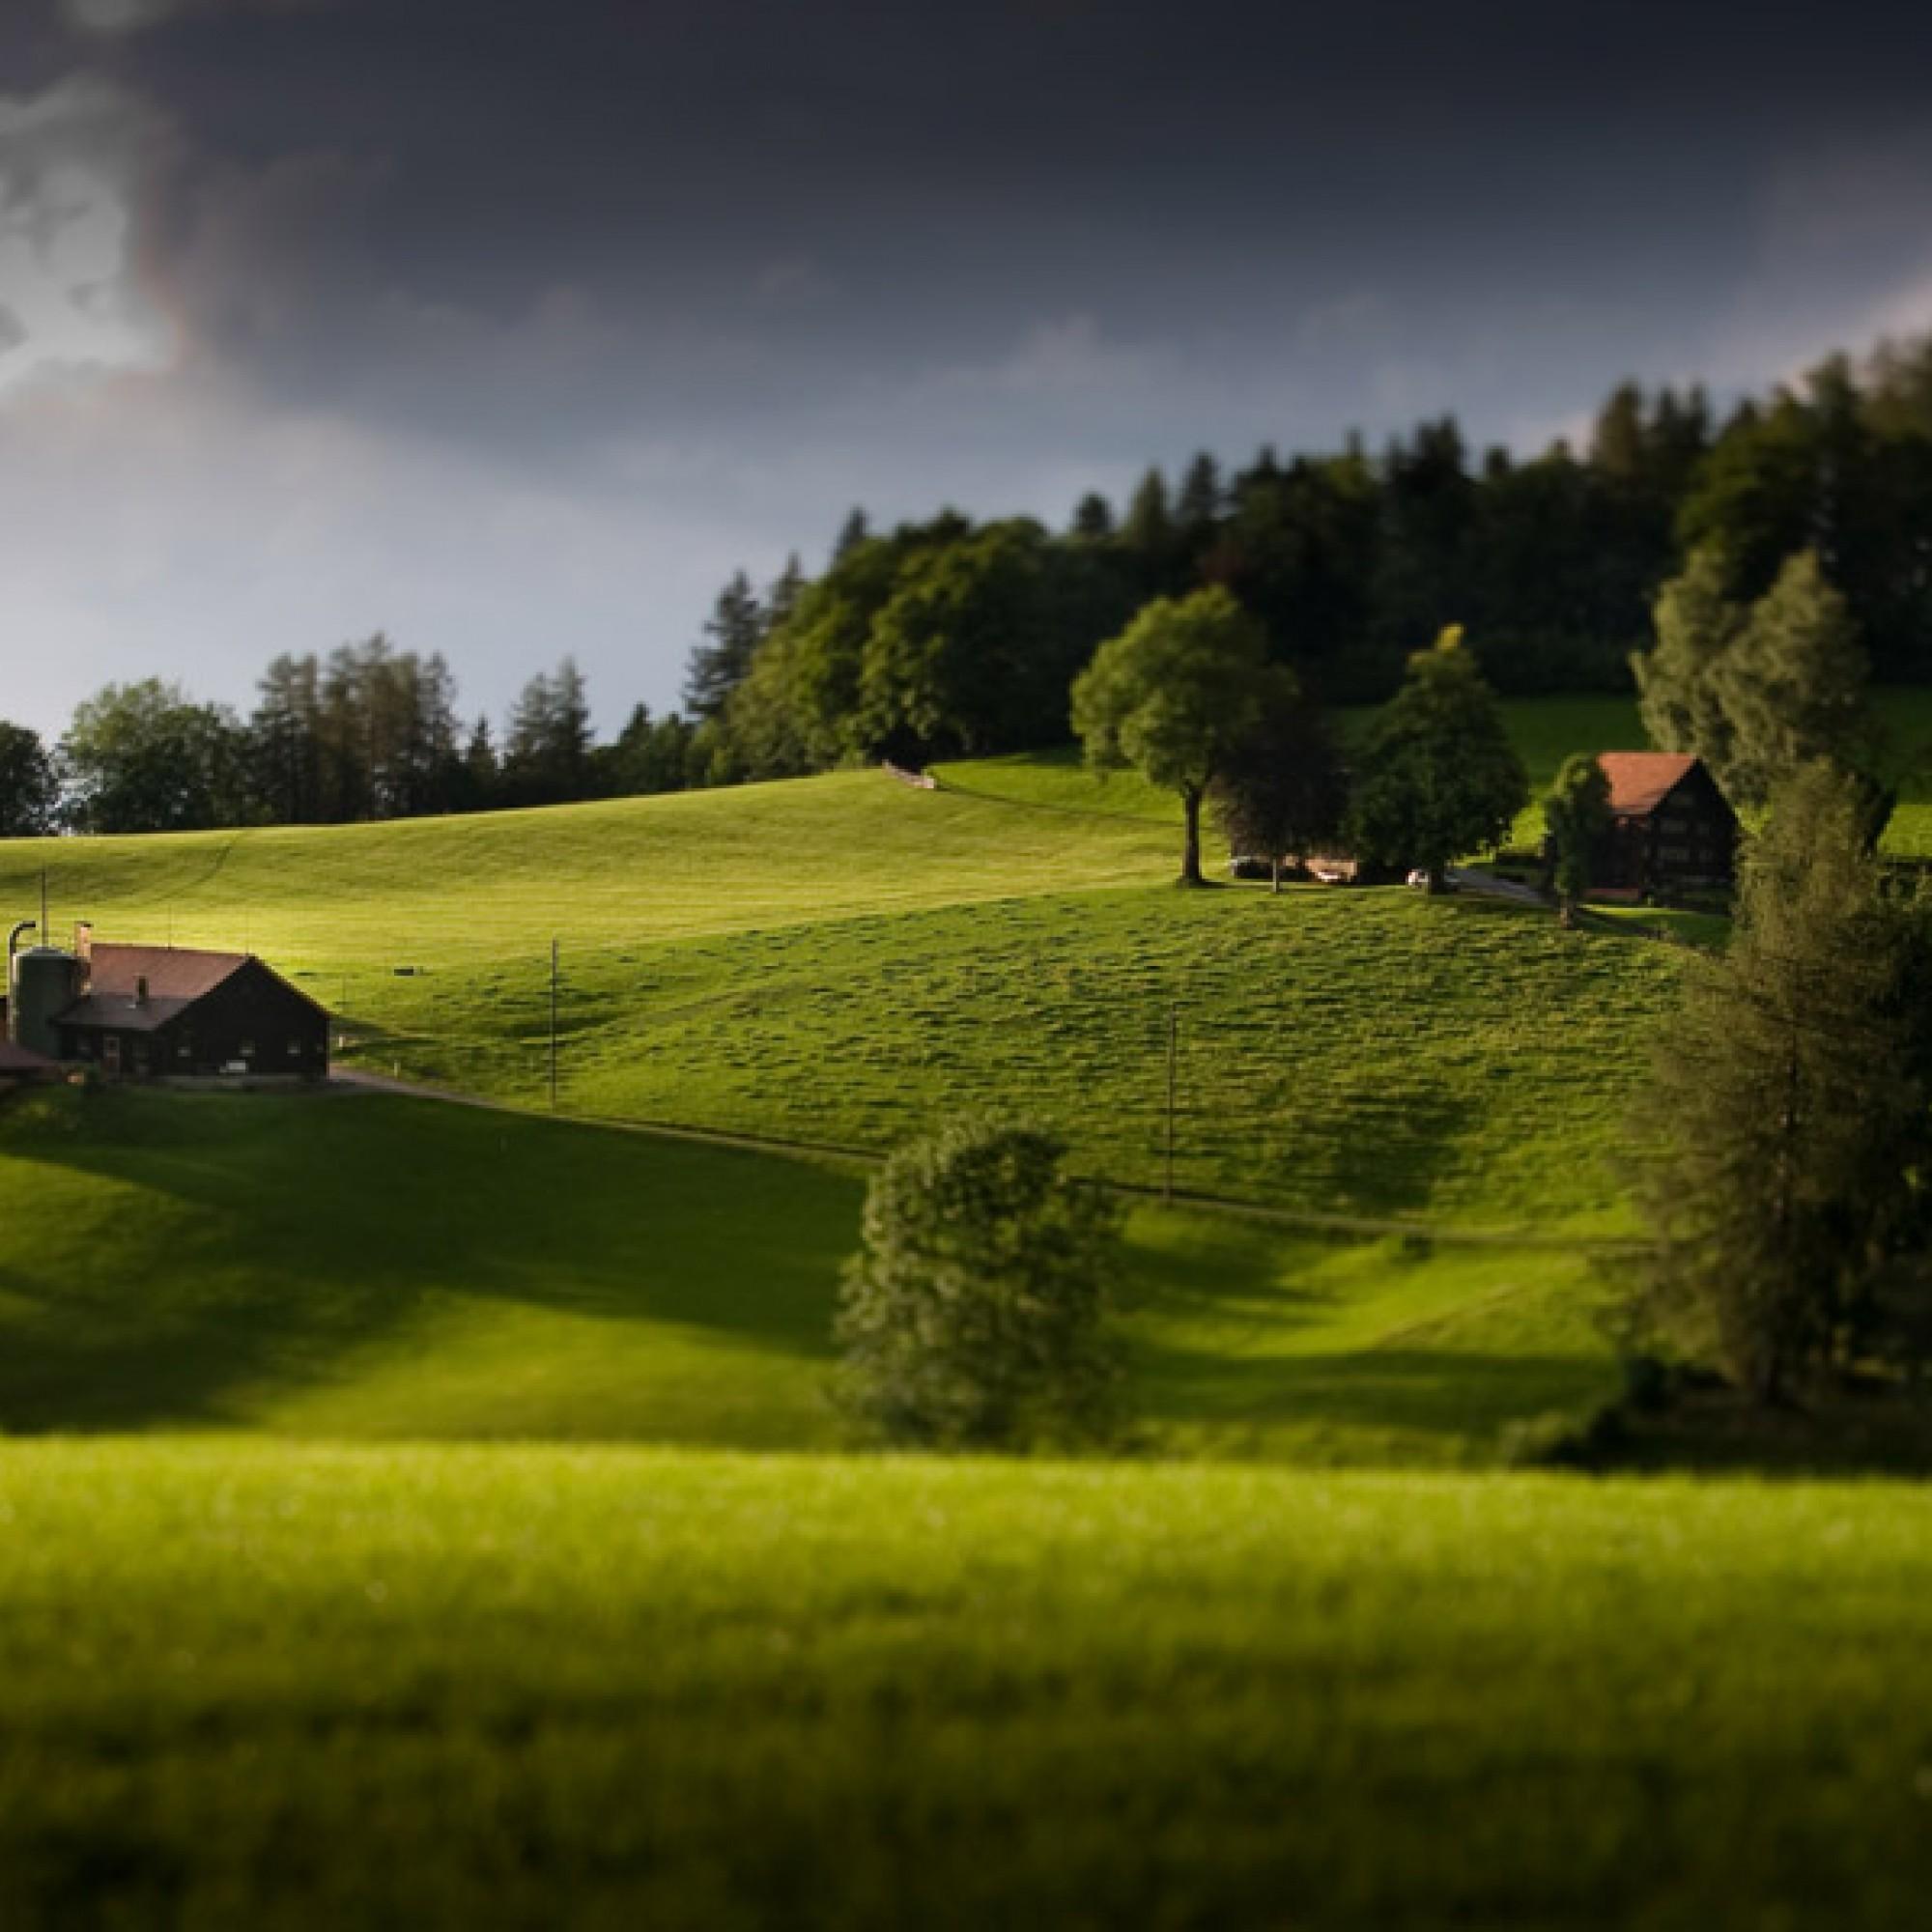 Auch sie sollen geschützt werden: Bauernhäuser bei Teufen AR (mille3, flickr, CC)